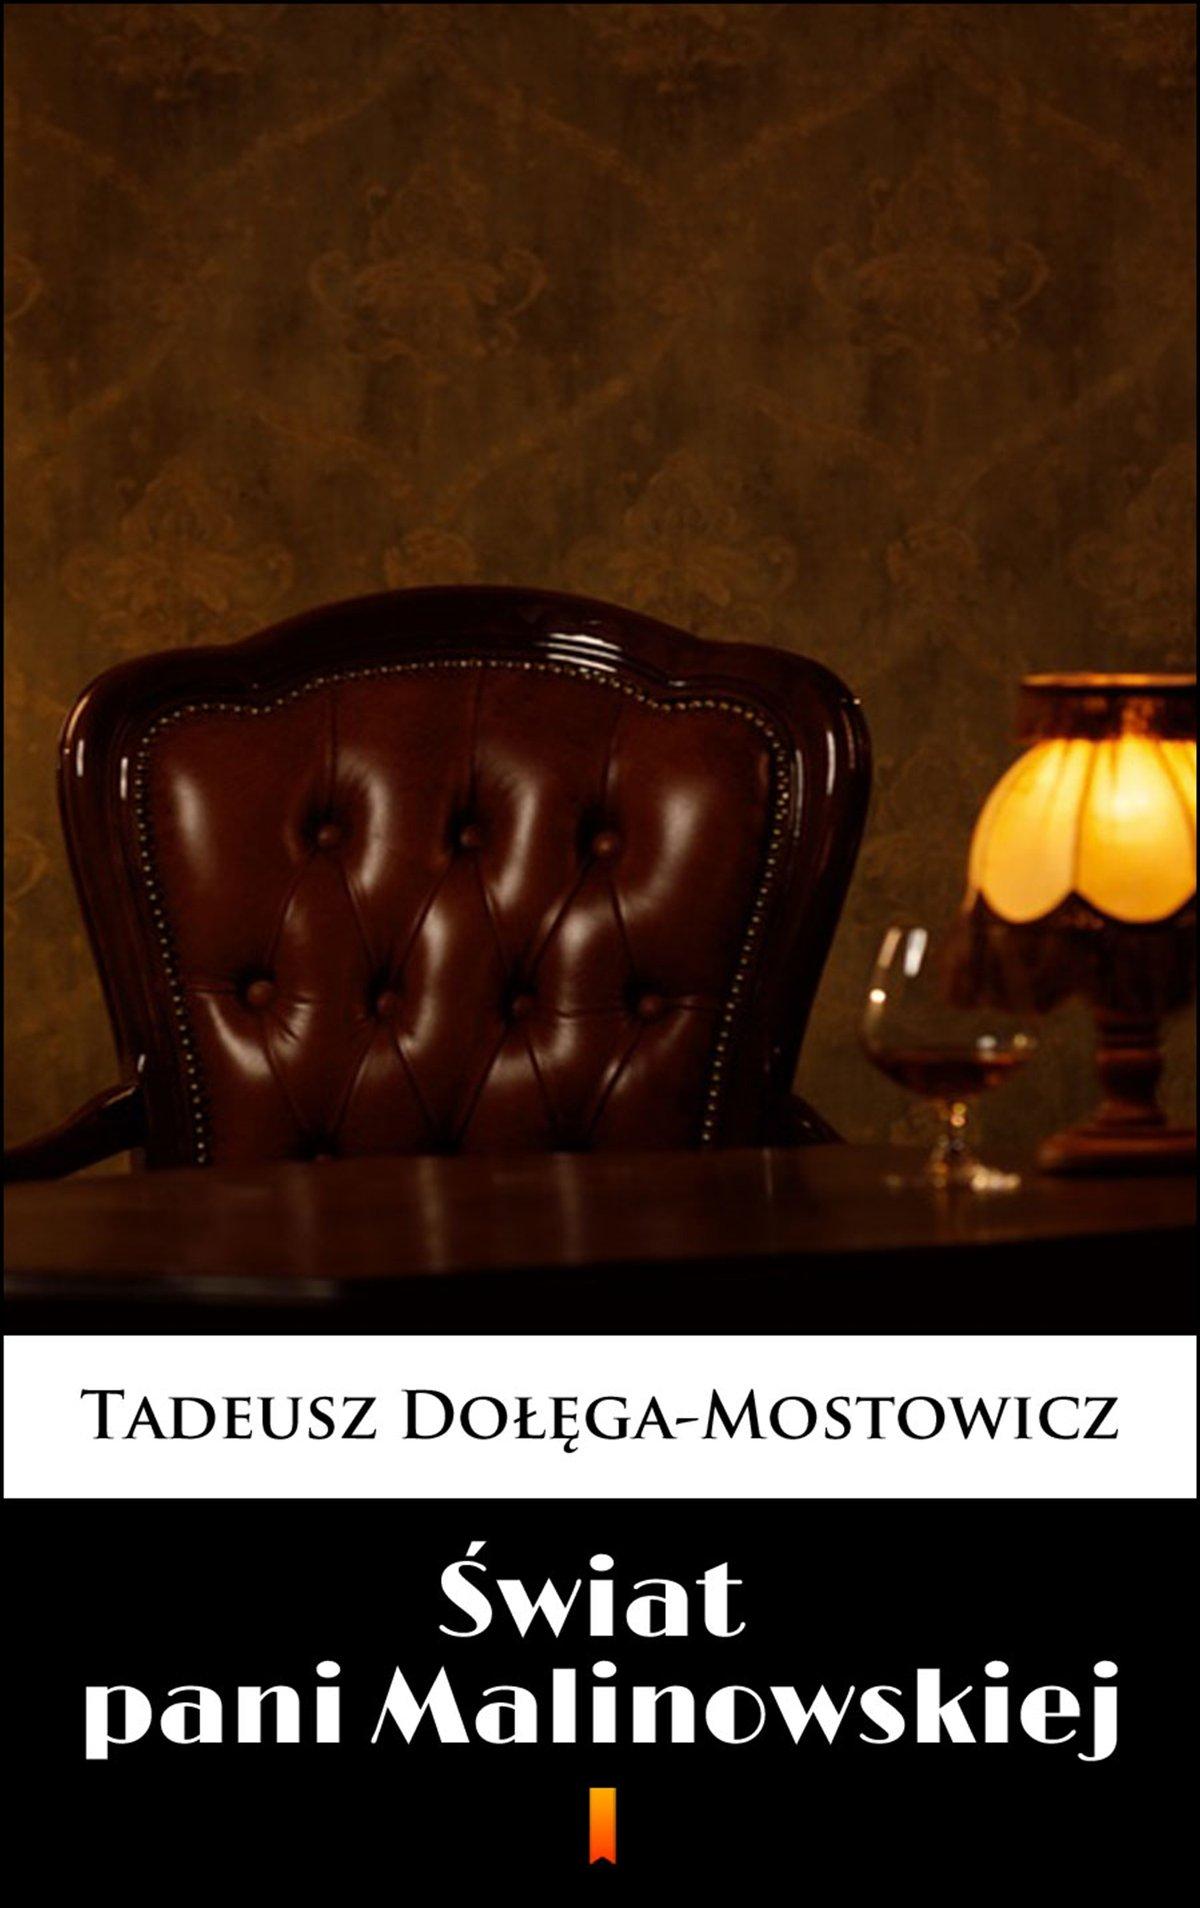 Świat pani Malinowskiej - Ebook (Książka na Kindle) do pobrania w formacie MOBI